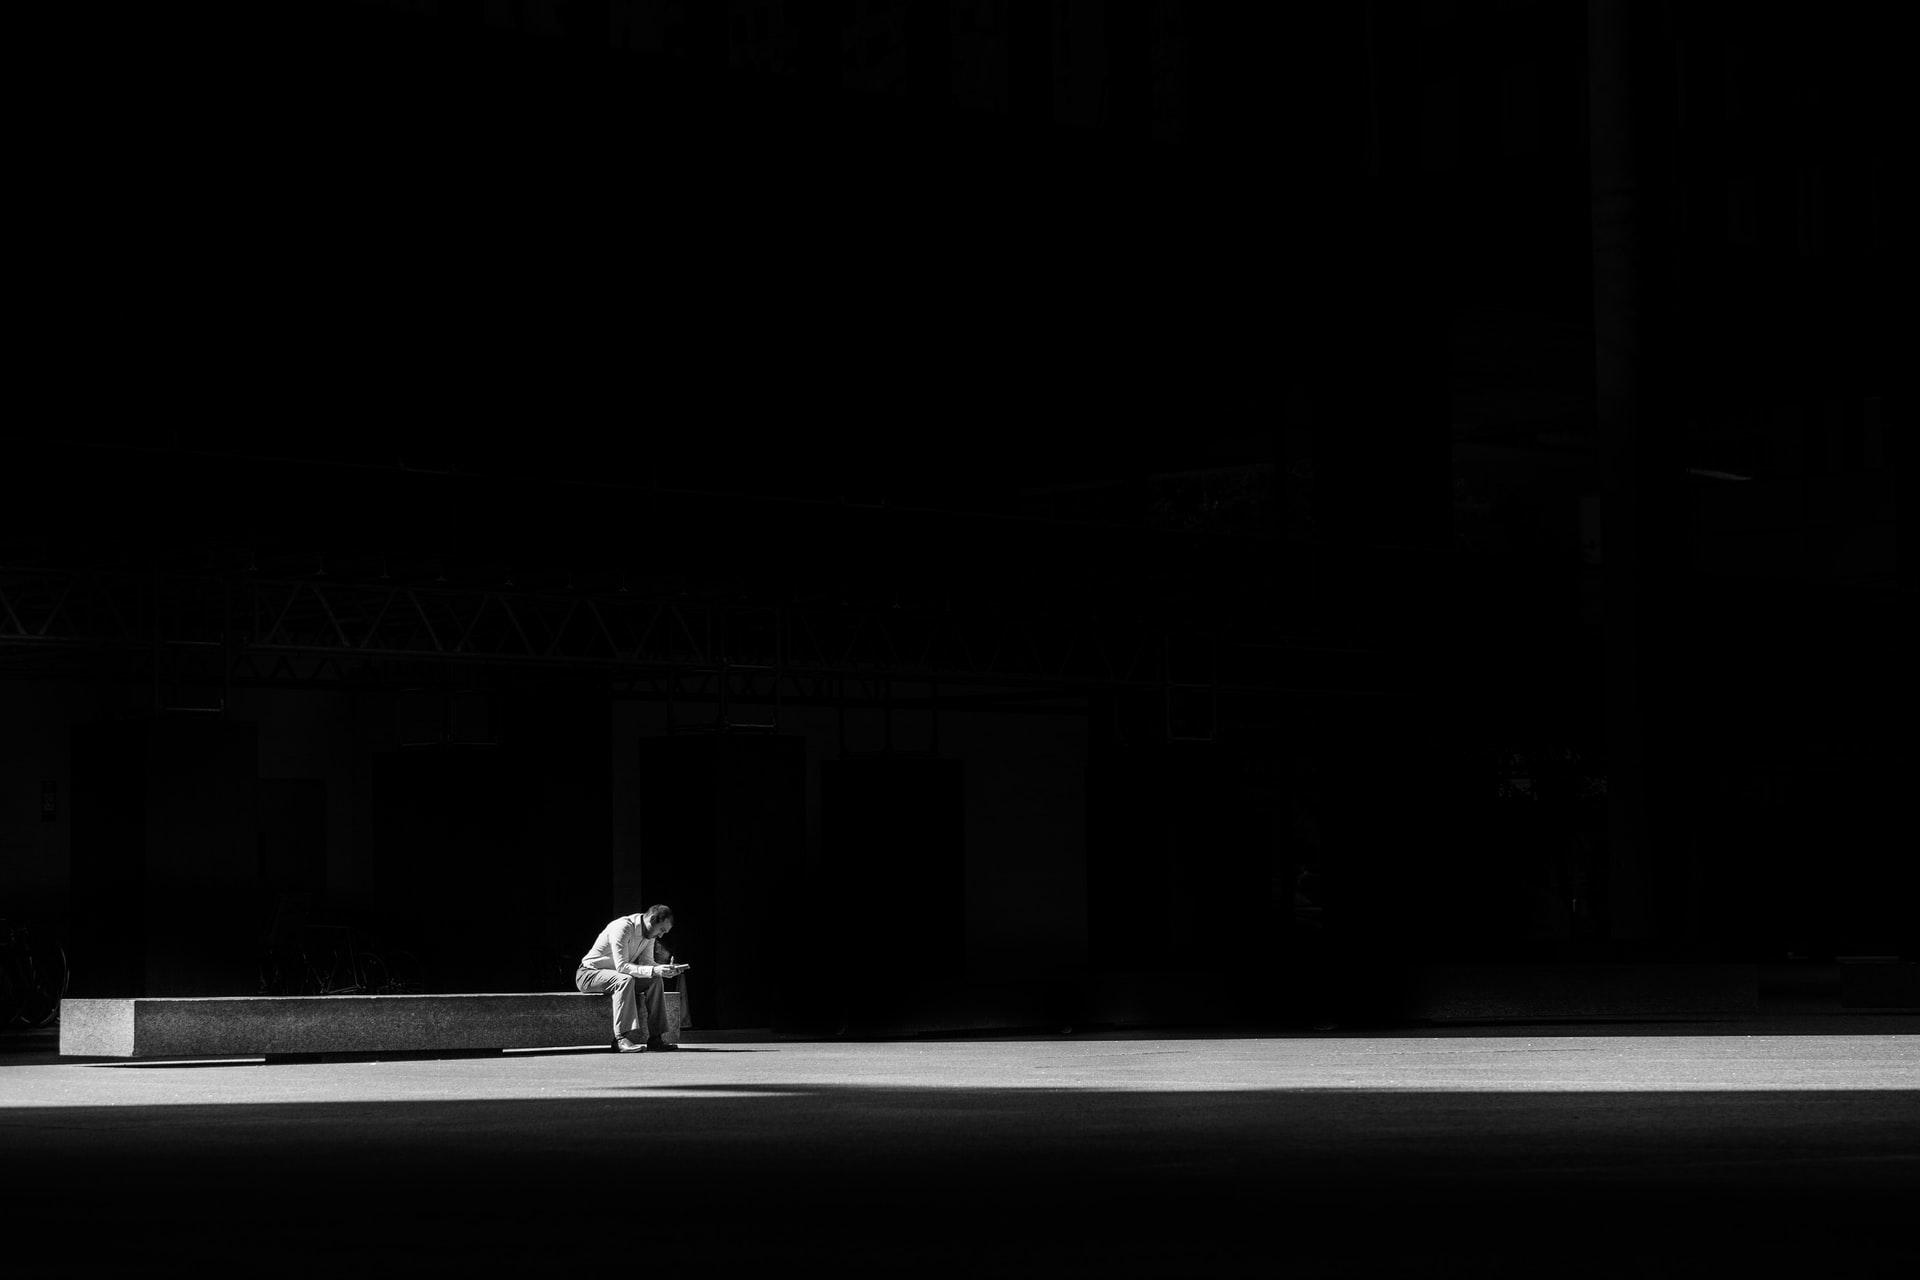 孤独に勉強する人